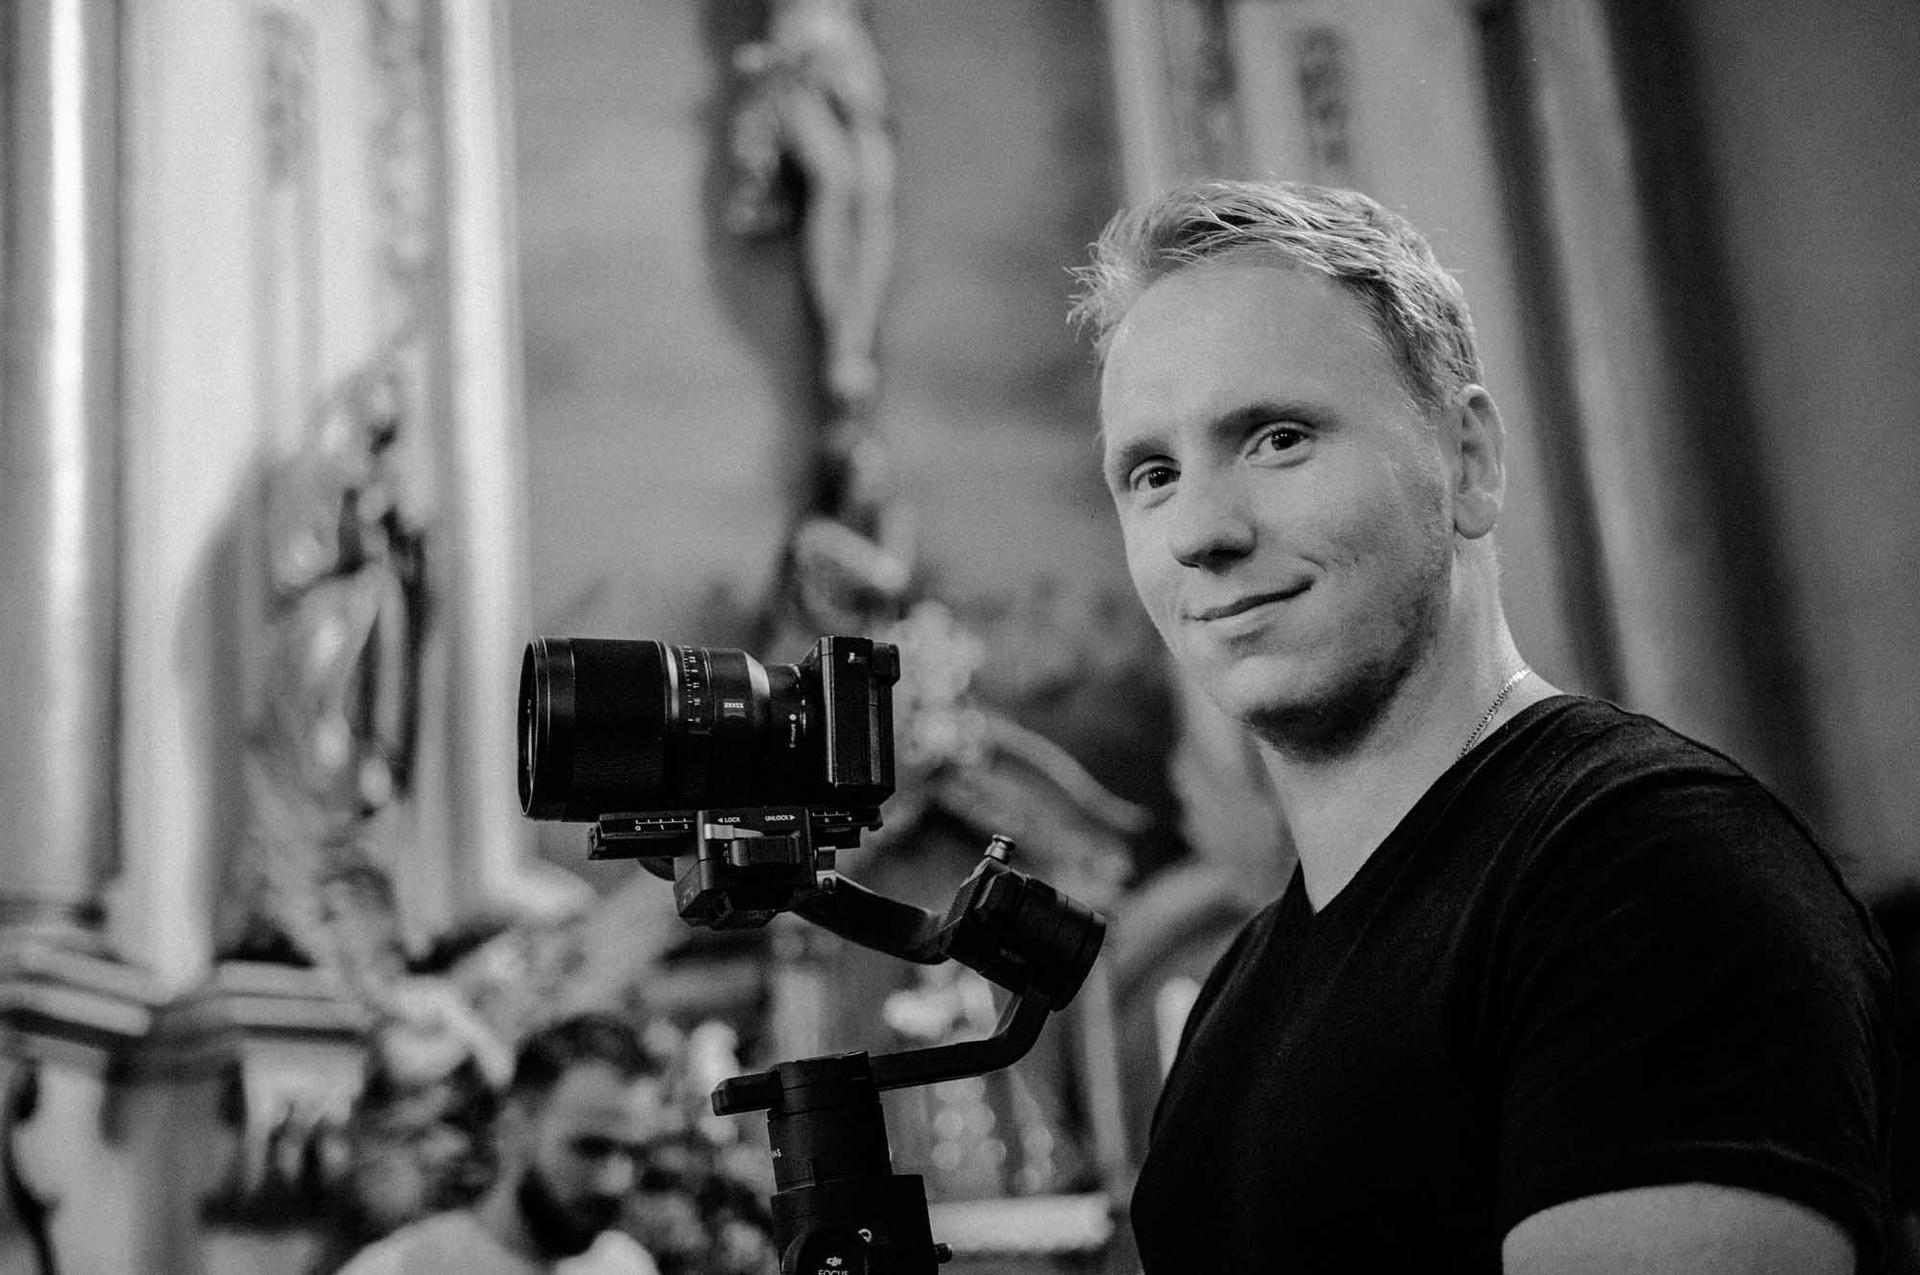 Prípravy K & P 💘 - Video: Matej Salát